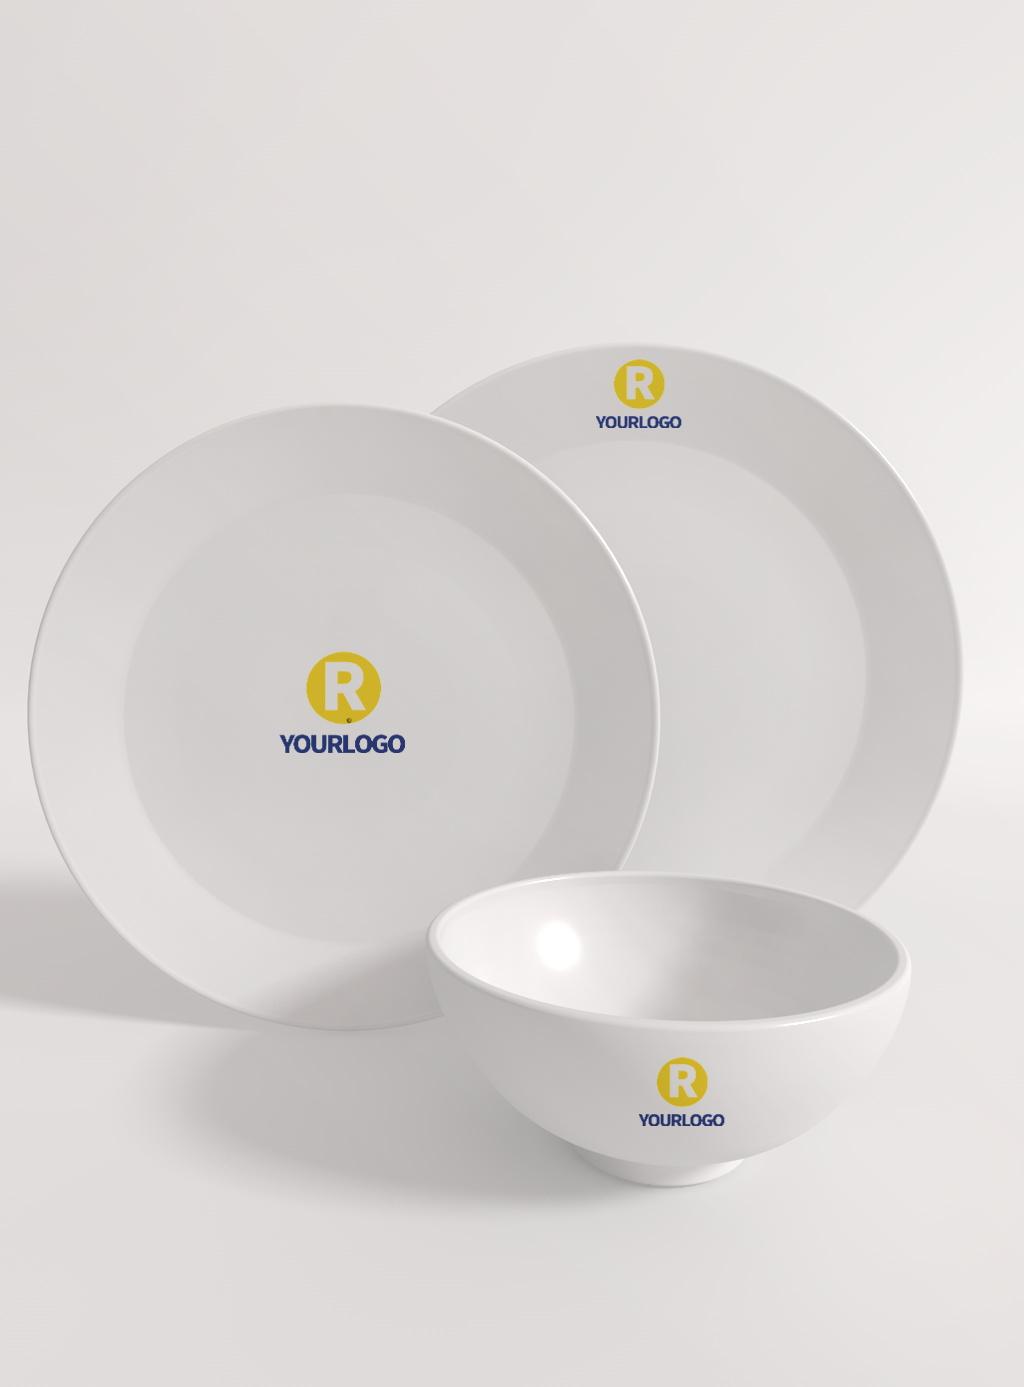 1582619889 109e4ea32f28eef - 简约盘子碗餐具样机